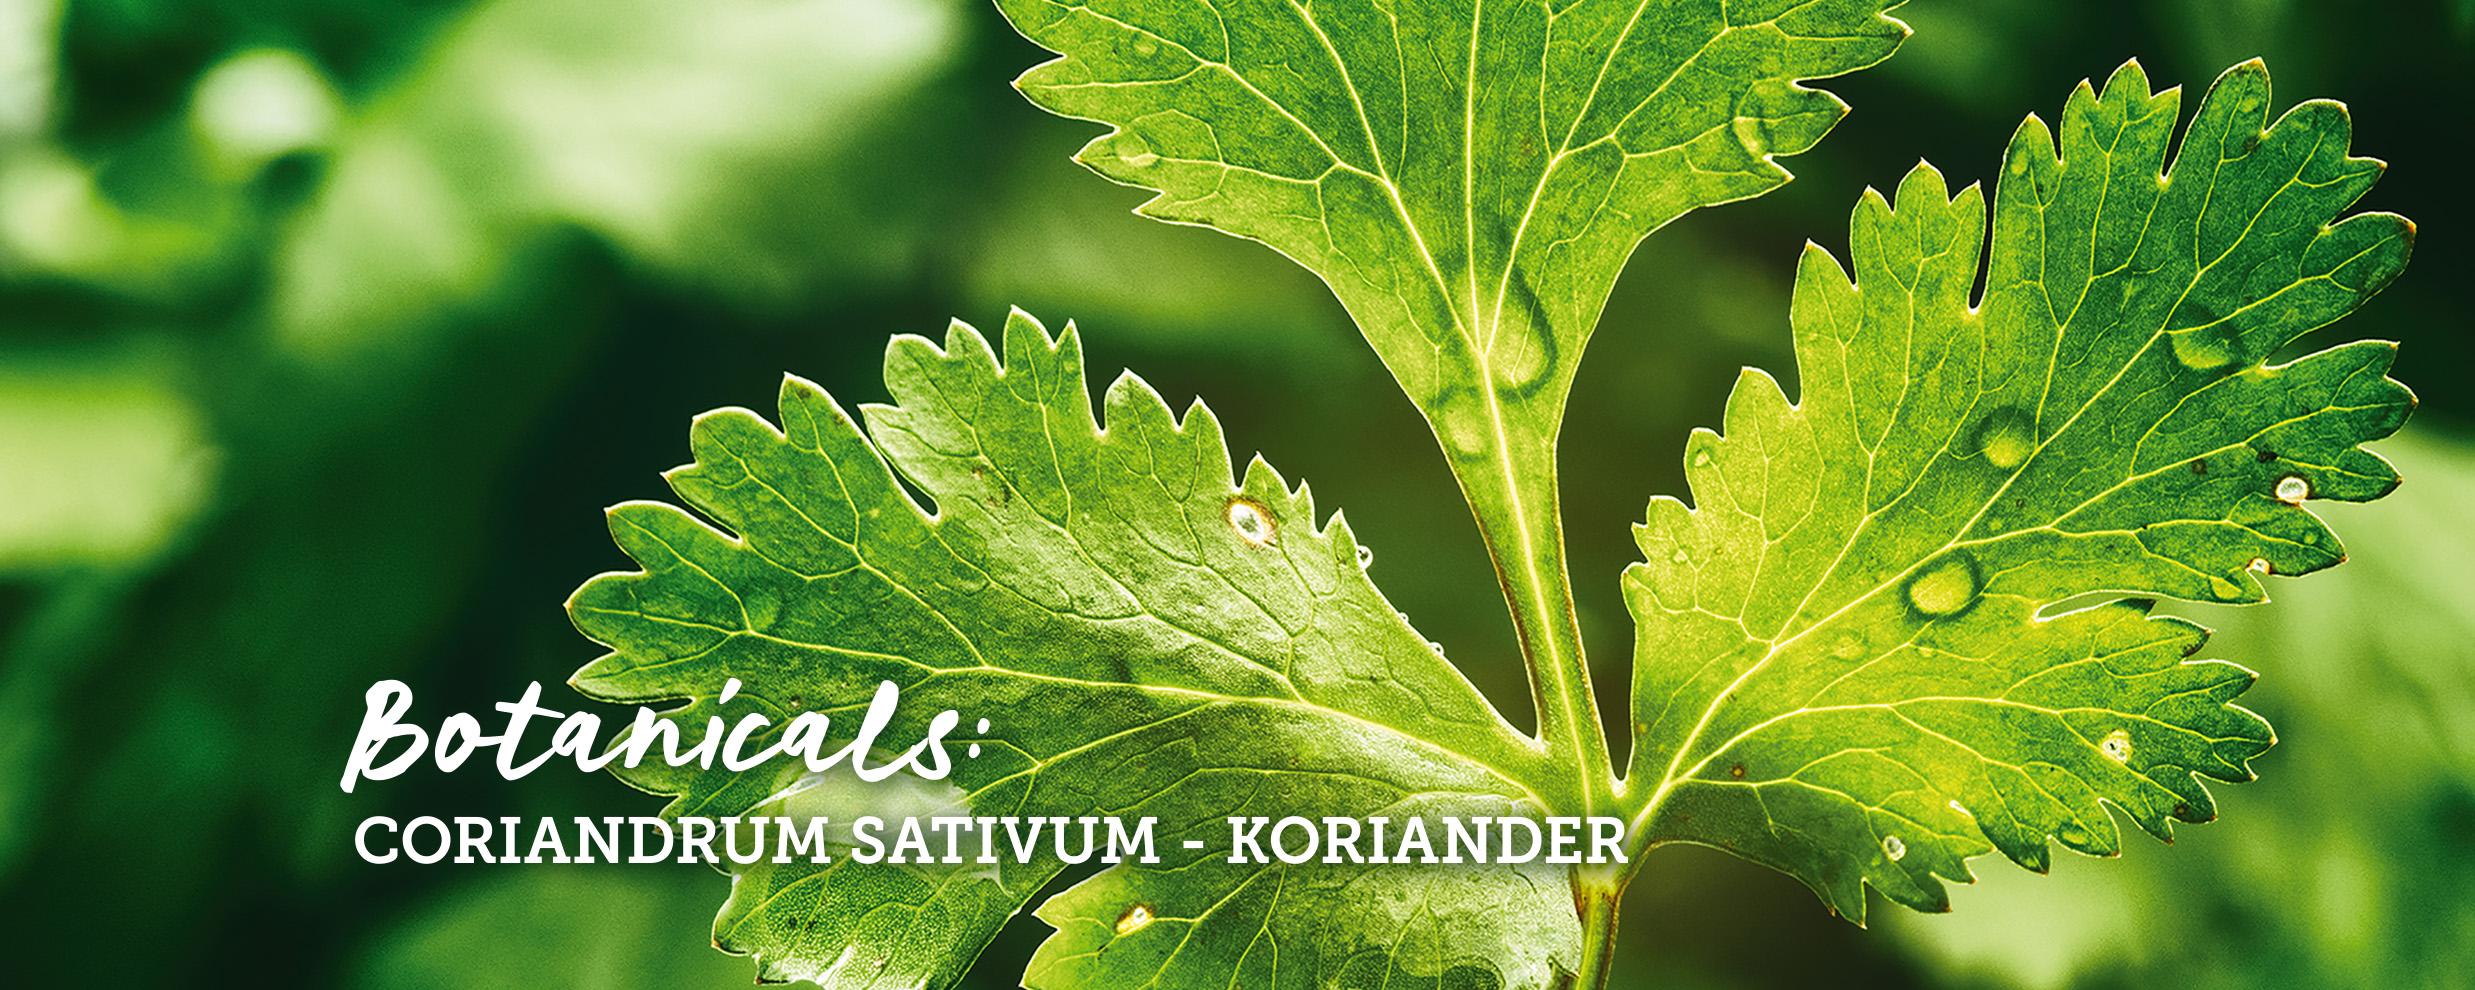 botanicals-koriander